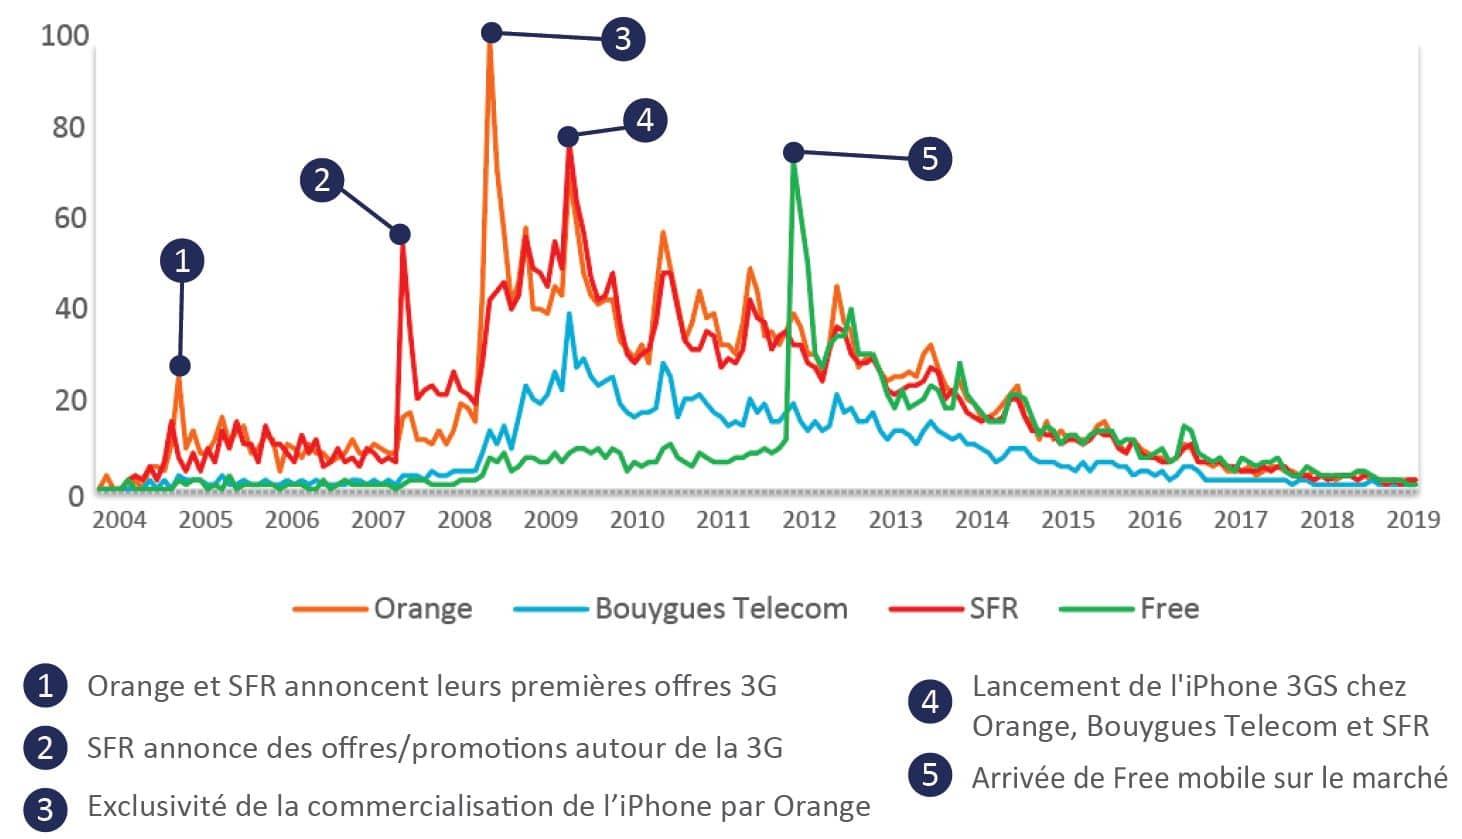 Graphique de comparaison de l'association entre 3G et opérateurs